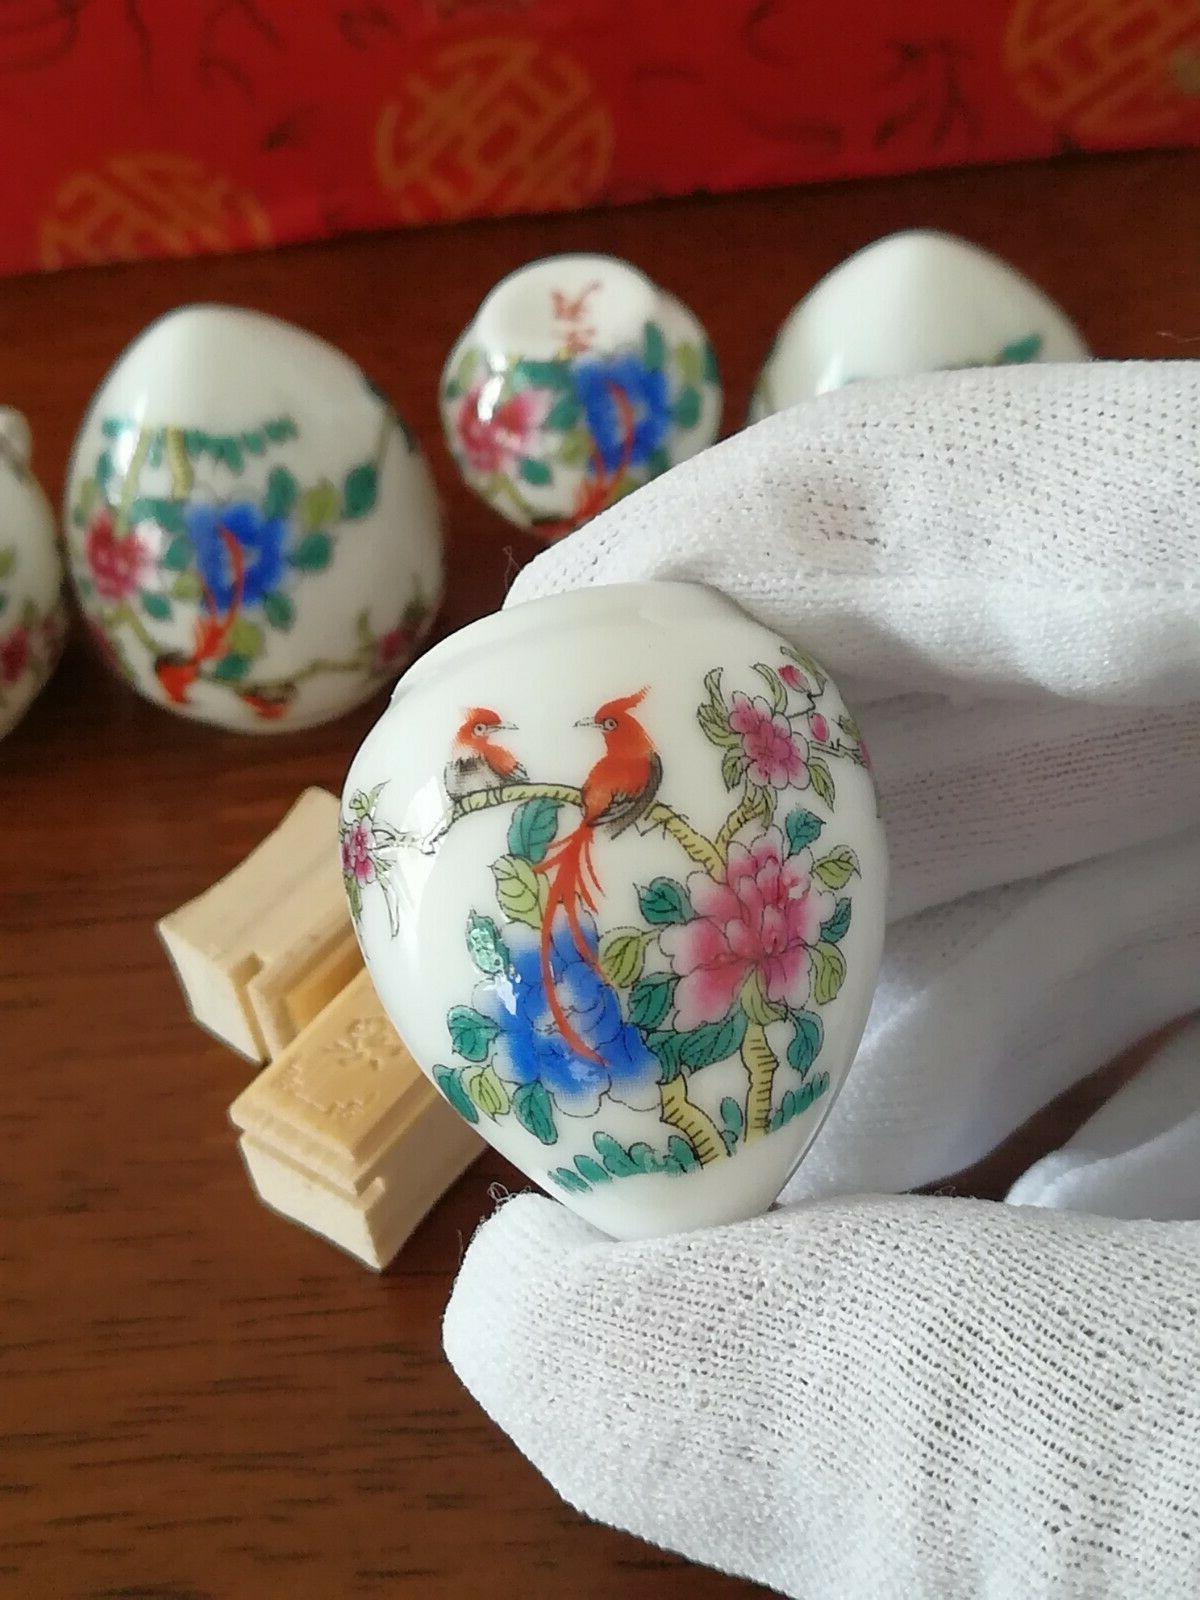 1set Asian Bamboo Bird Cage and bird 陶瓷鸟食杯